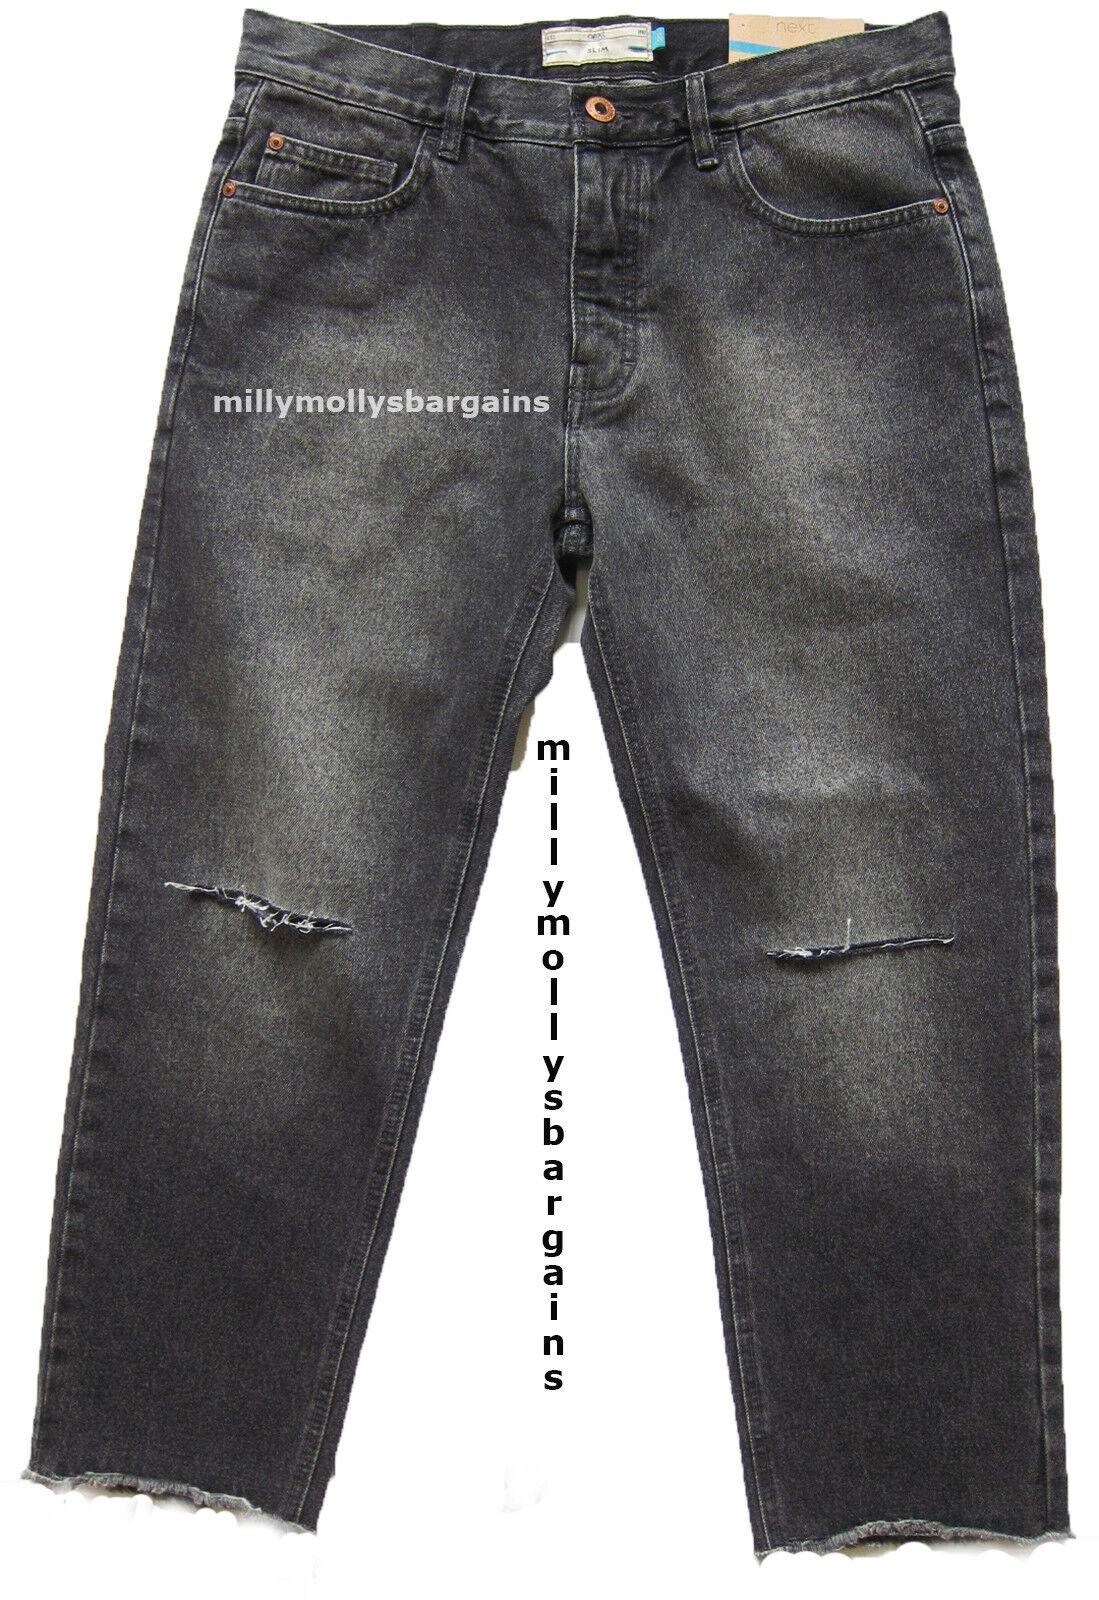 Nouveau Homme Gris Noir Foncé Noir Gris Slim Crop Next Jeans Taille 38 36 34 32 30 28 RRP £ 40 f97556